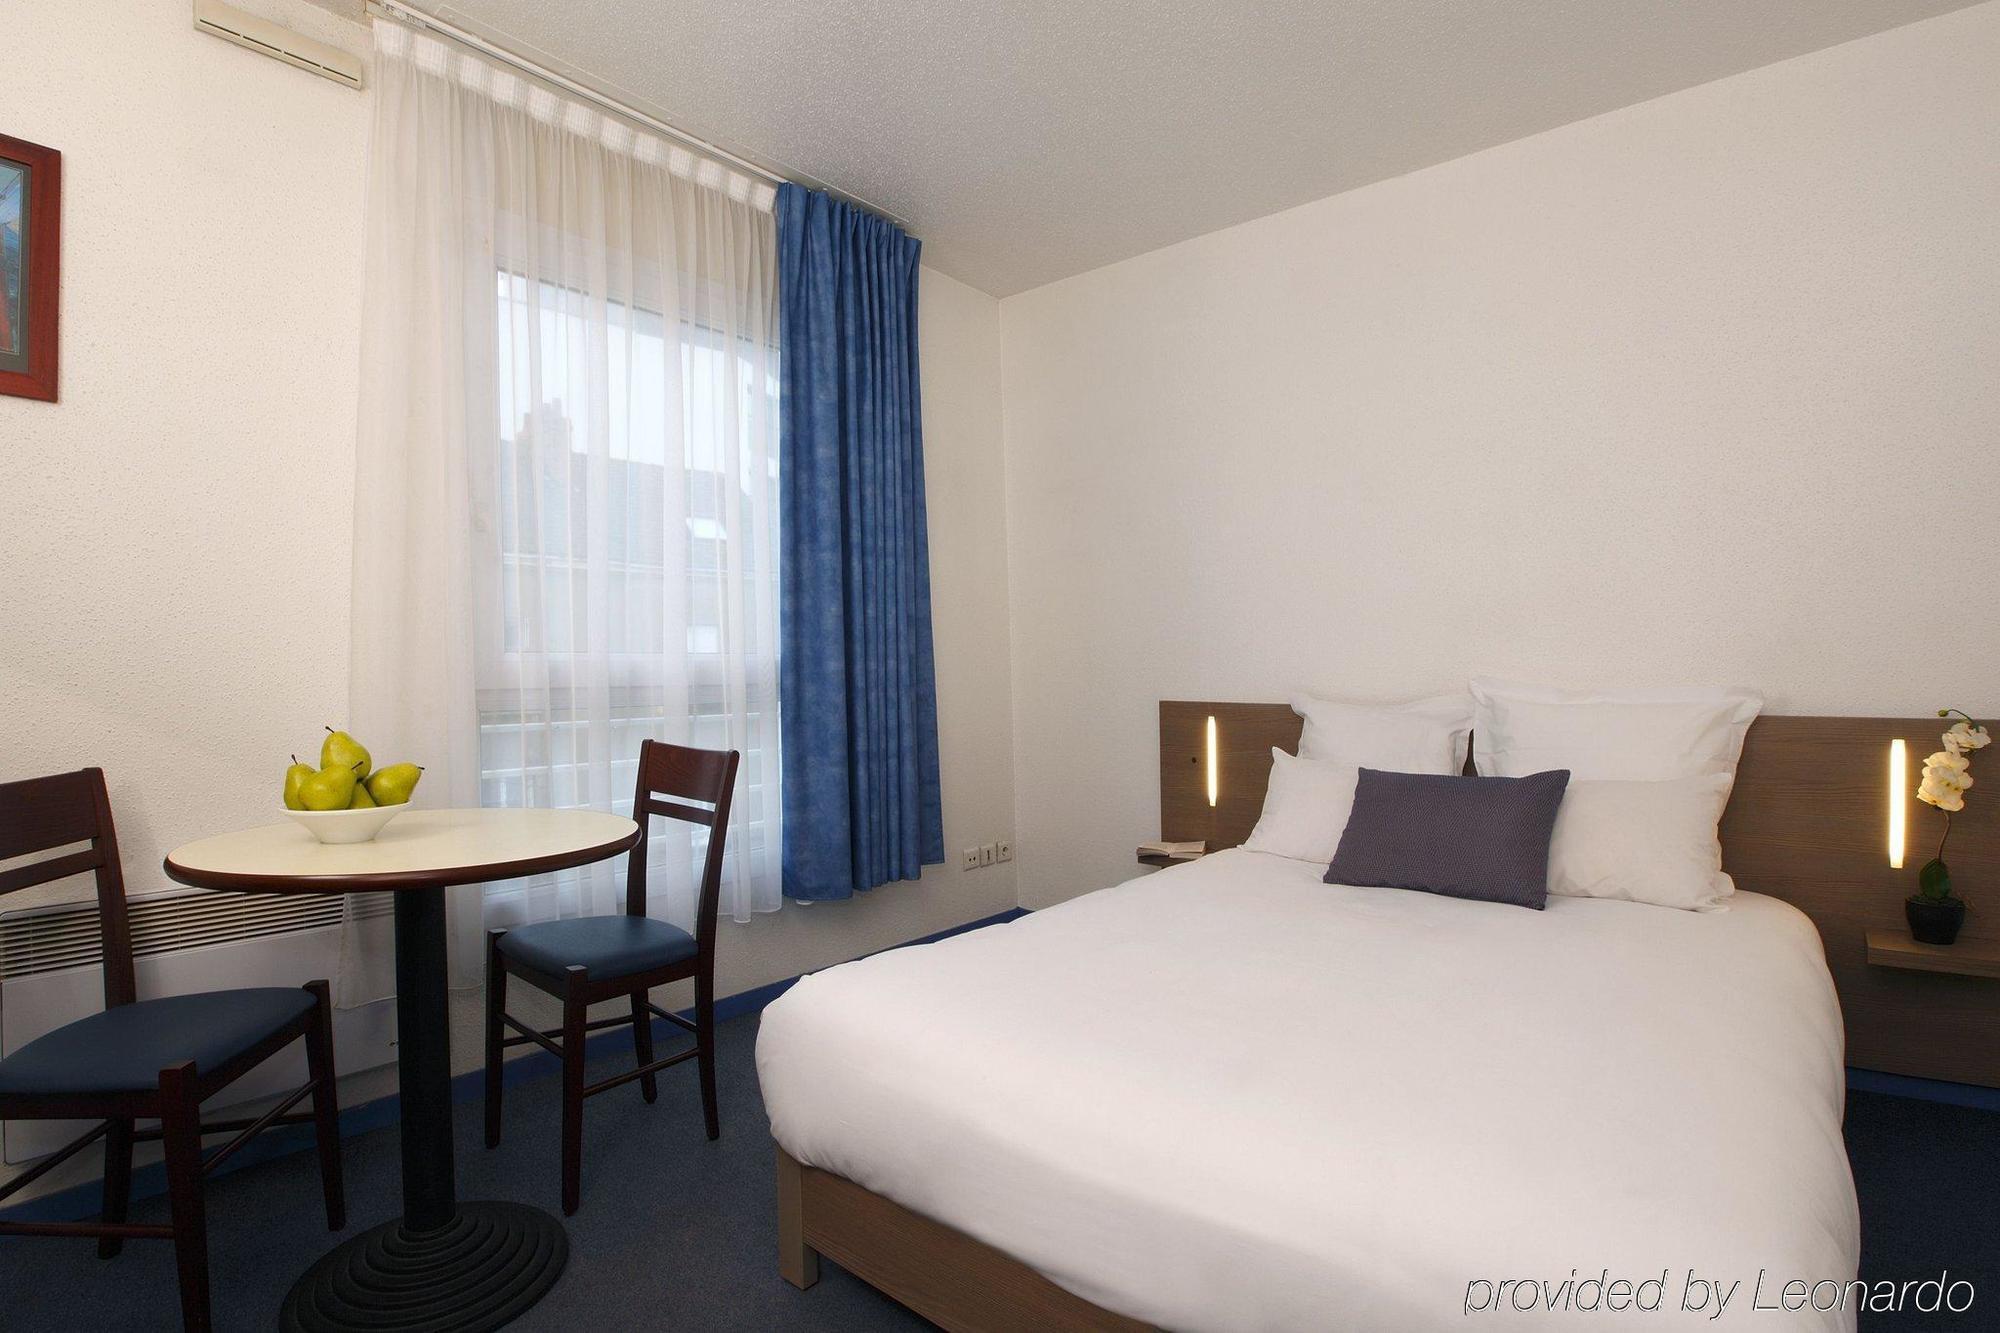 Location appartement Bordeaux: comment l'effectuer?